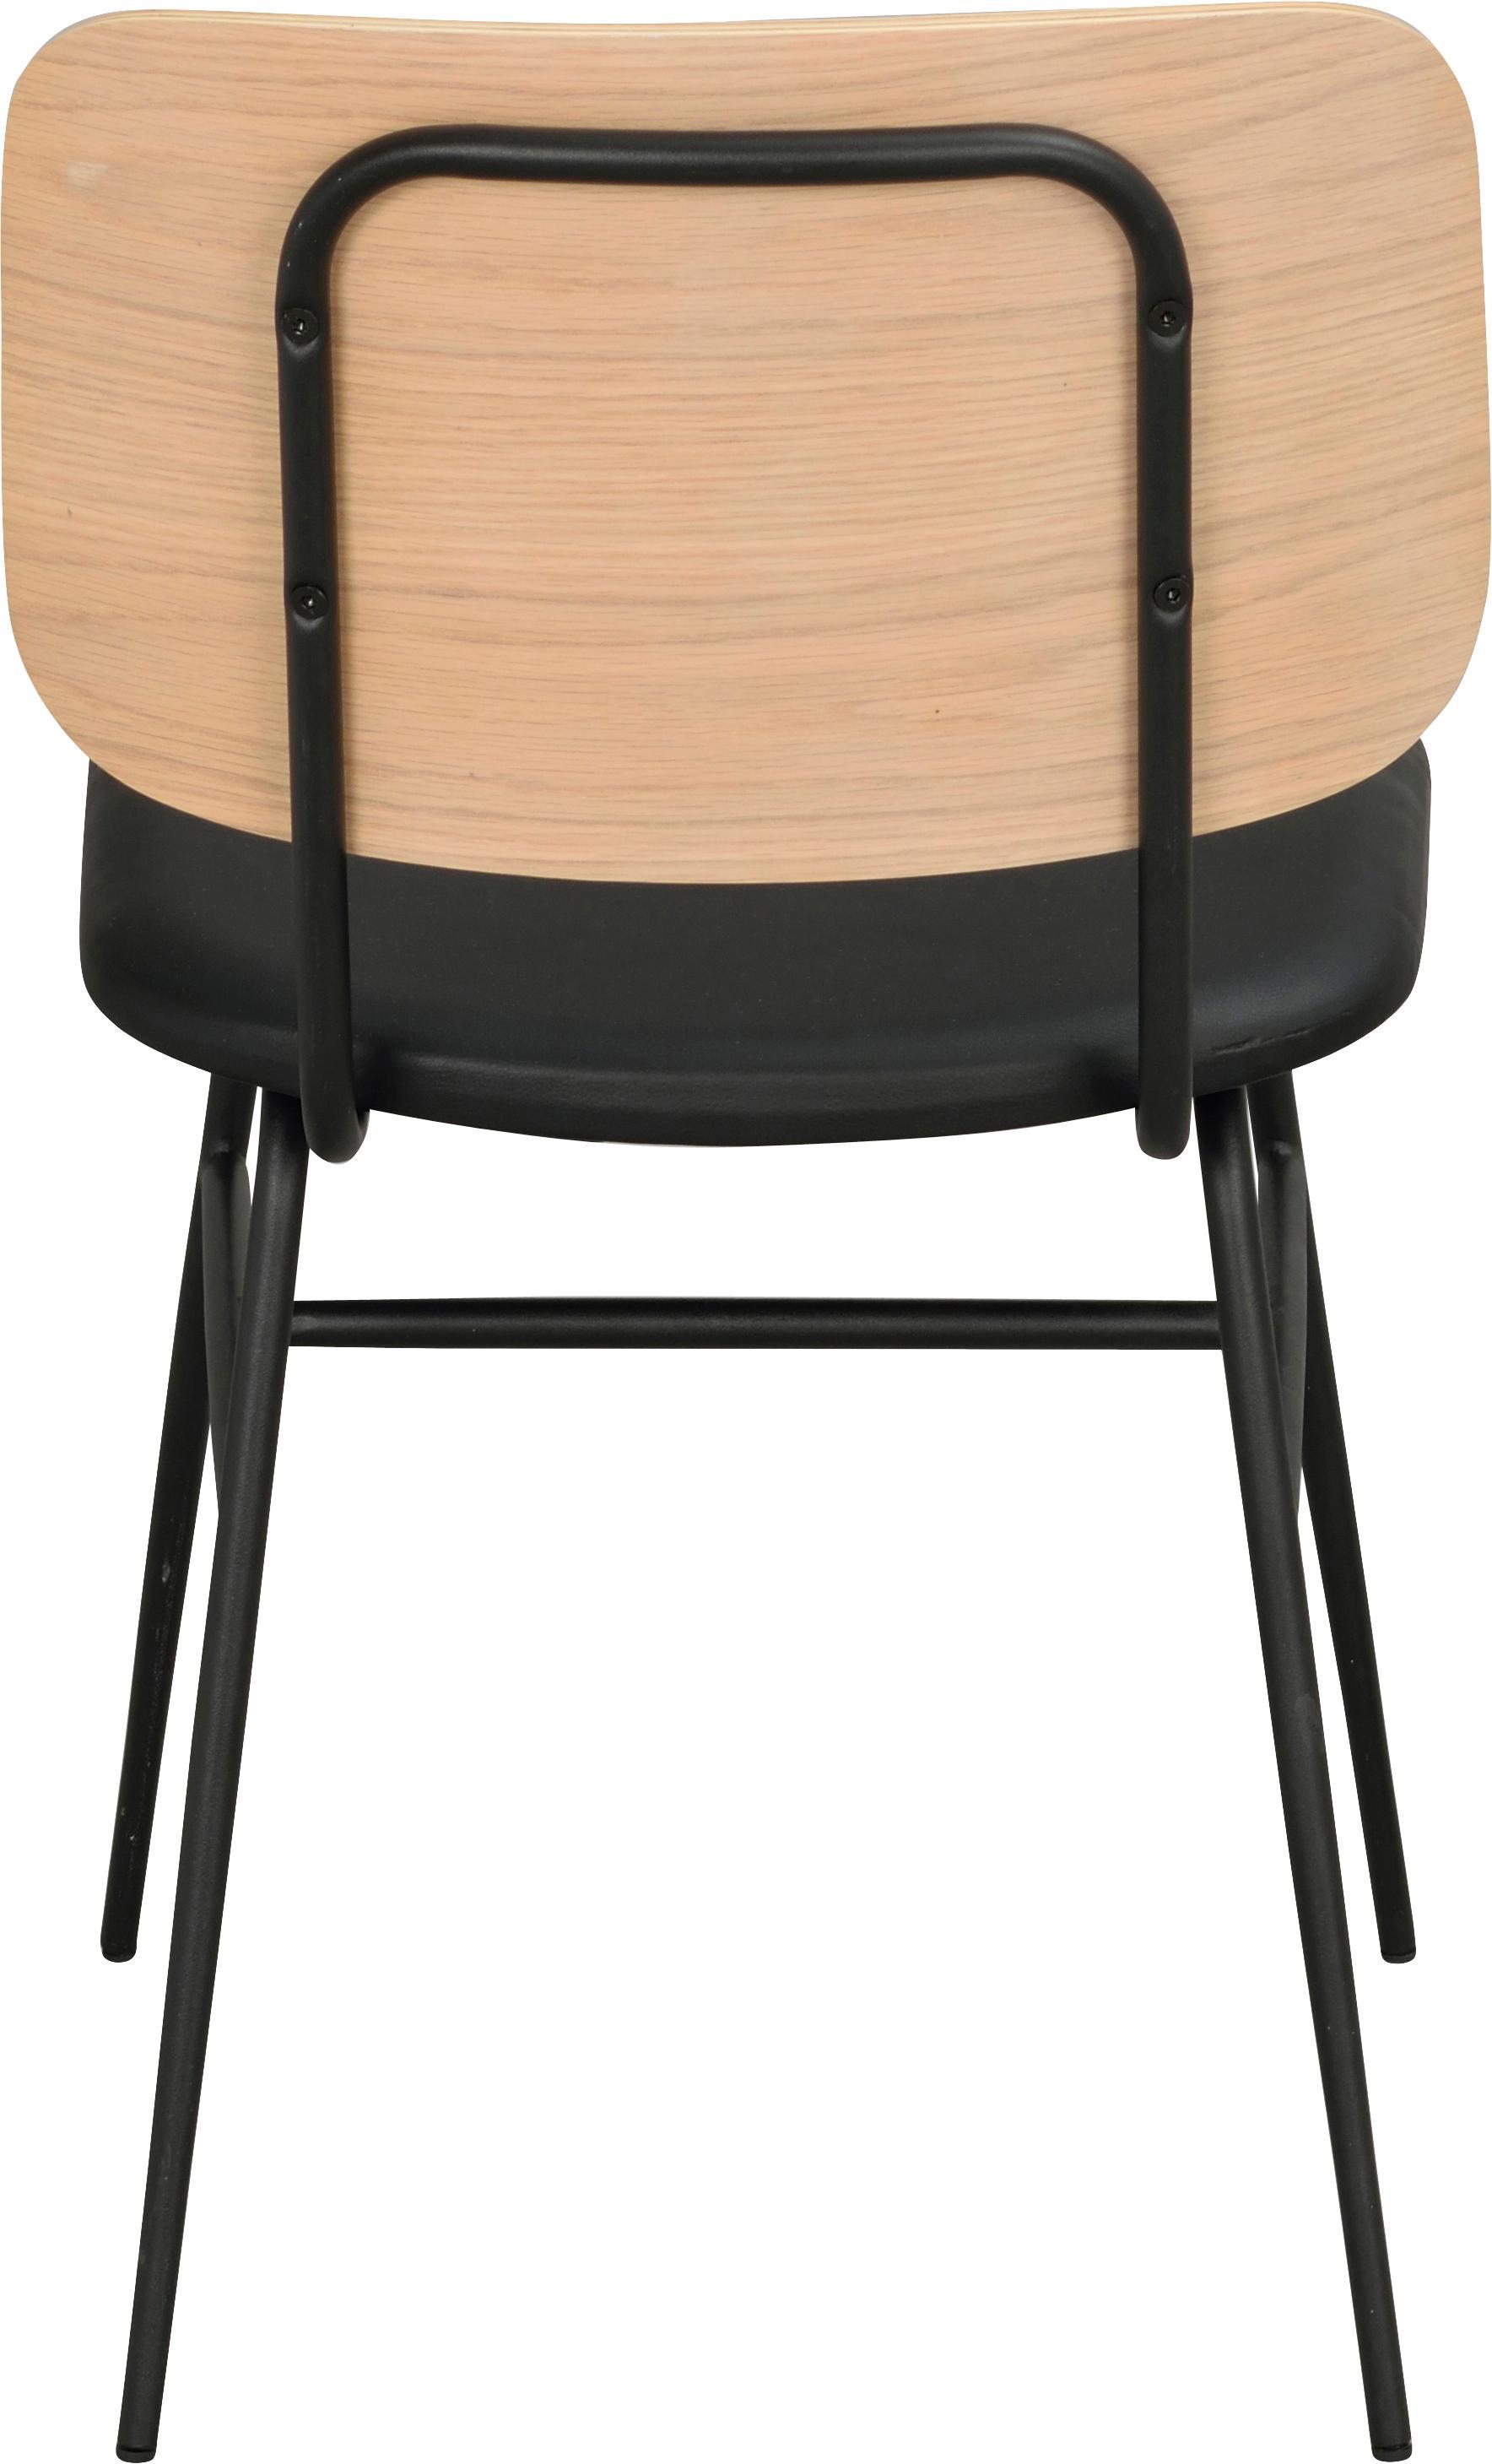 Hoge stoel Brent, Zitvlak: kunstleer (polyurethaan), Frame: gelakt metaal, Eikenhoutkleurig, B 47 x D 57 cm